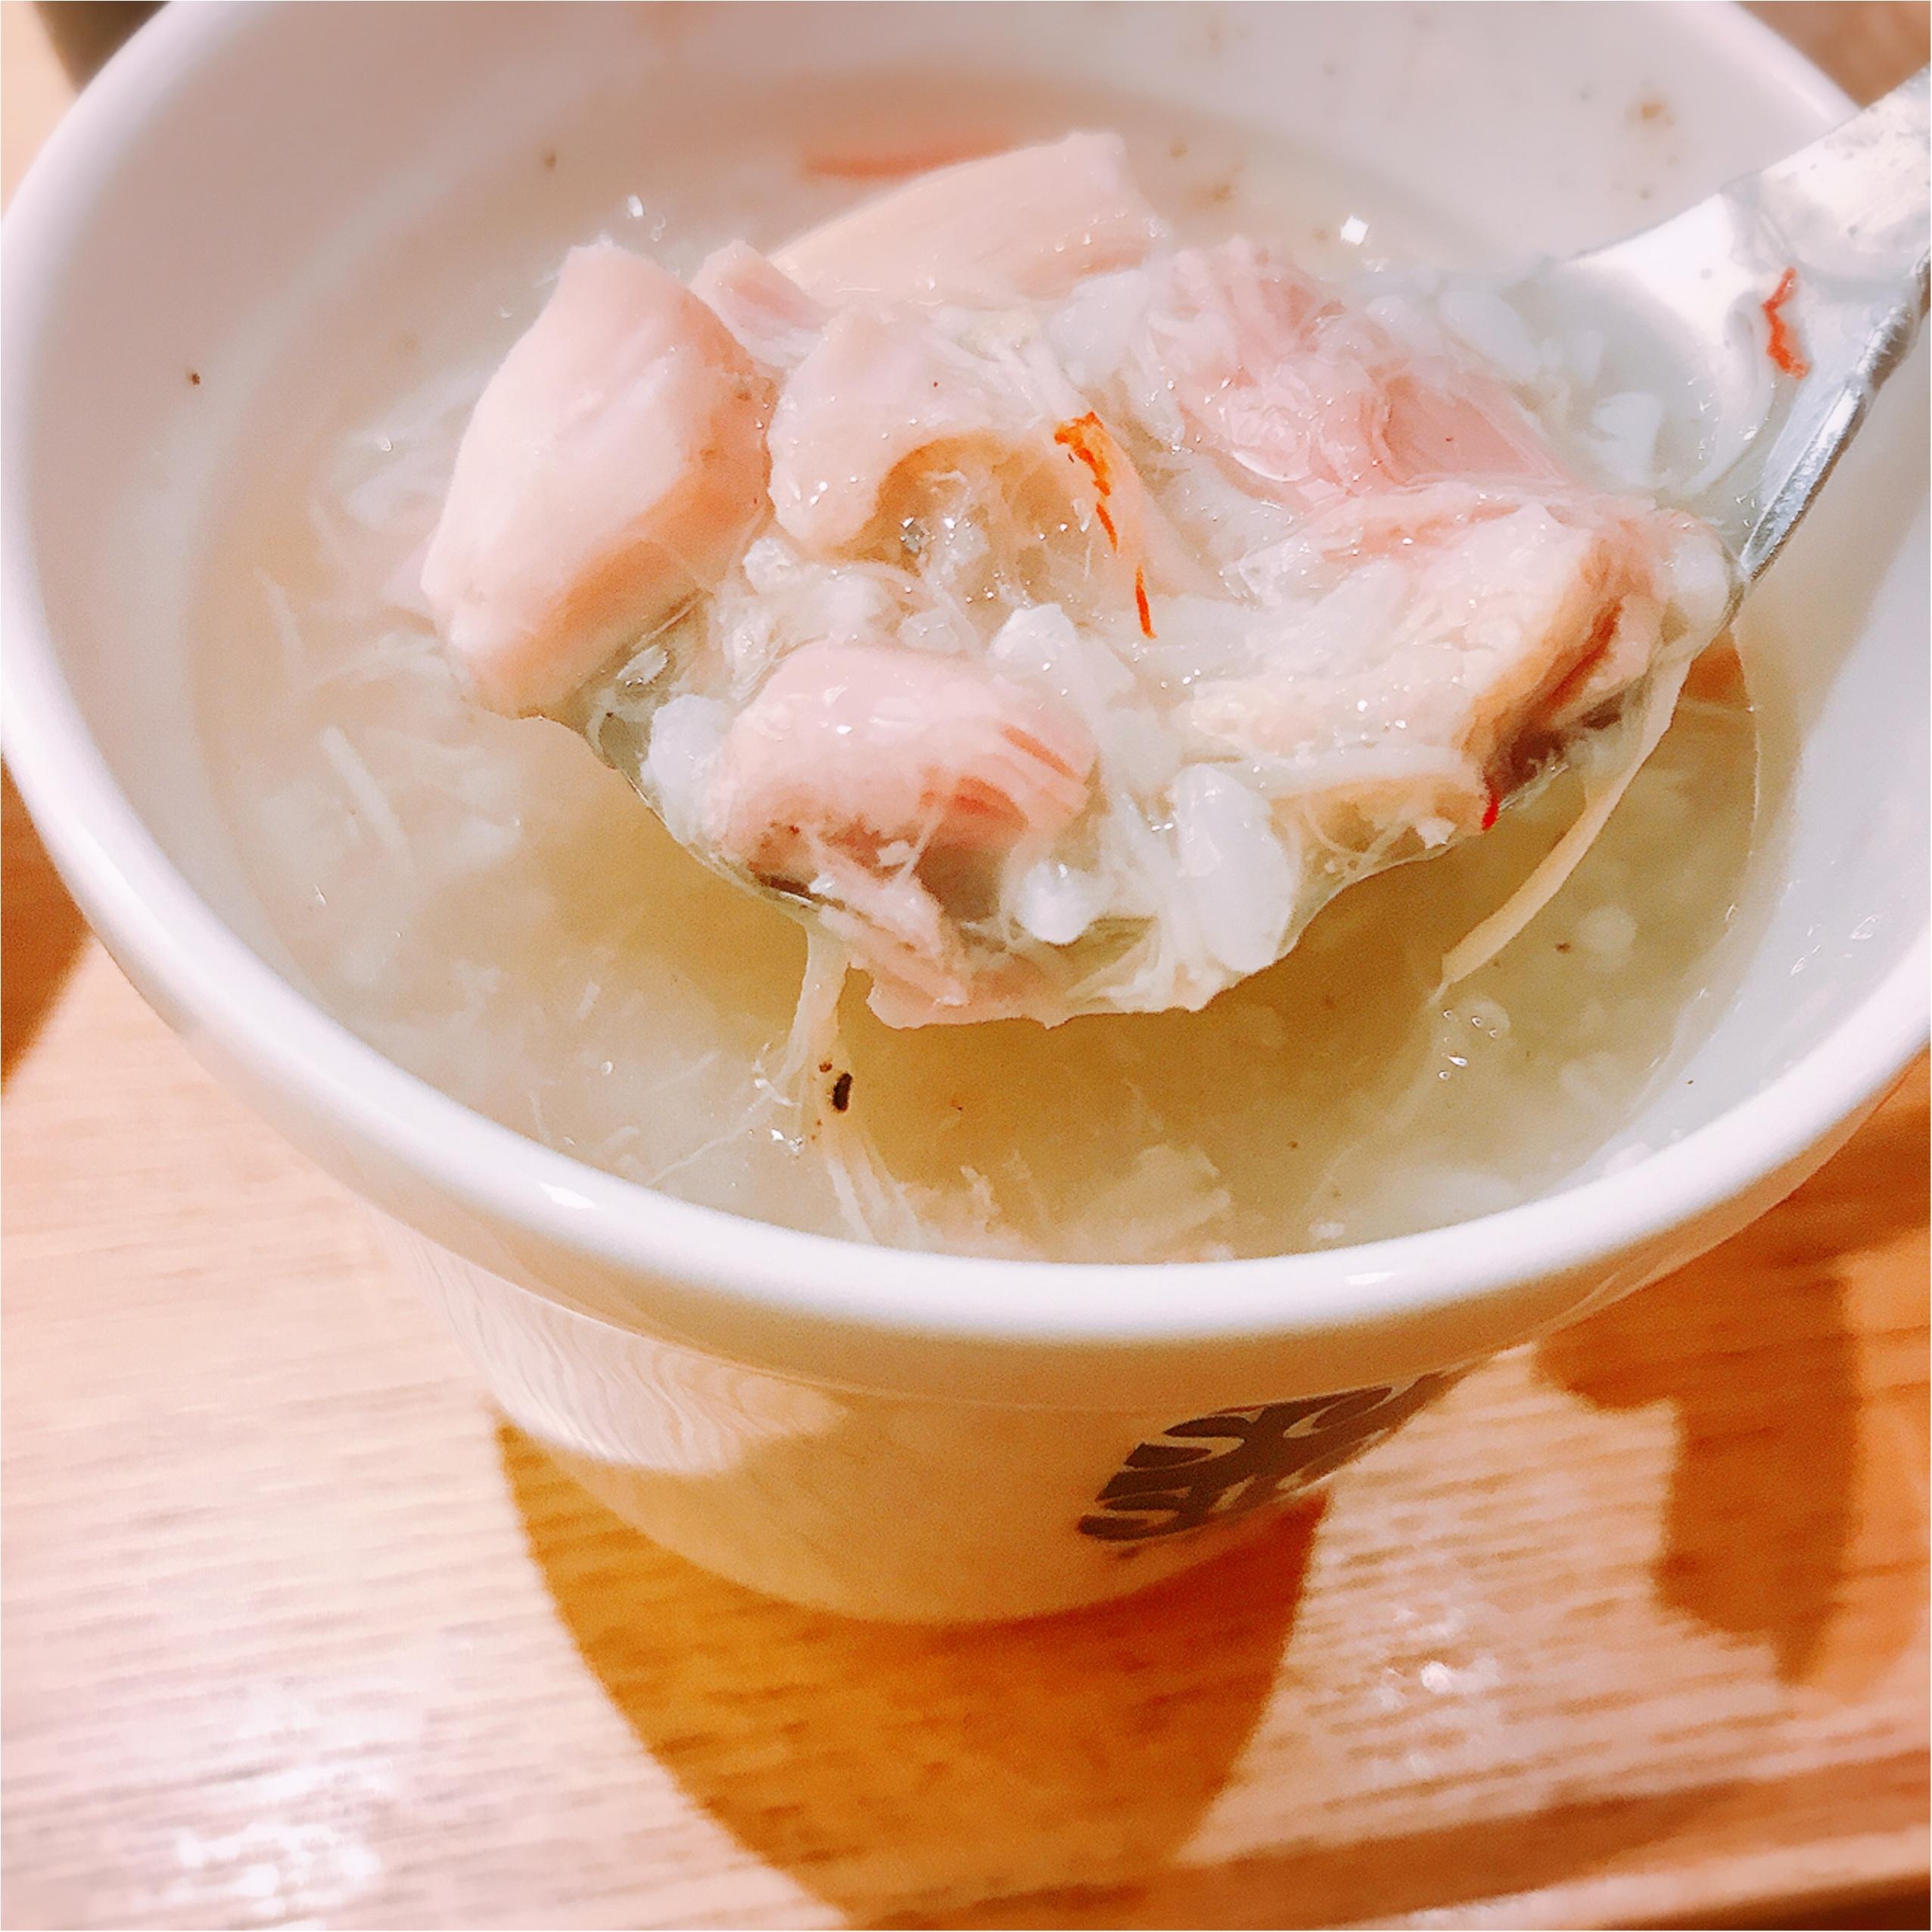 肌寒い日は《Soup Stock Tokyo》へ!新しくなった「参鶏湯(サンゲタン)」で温まろう♡_3